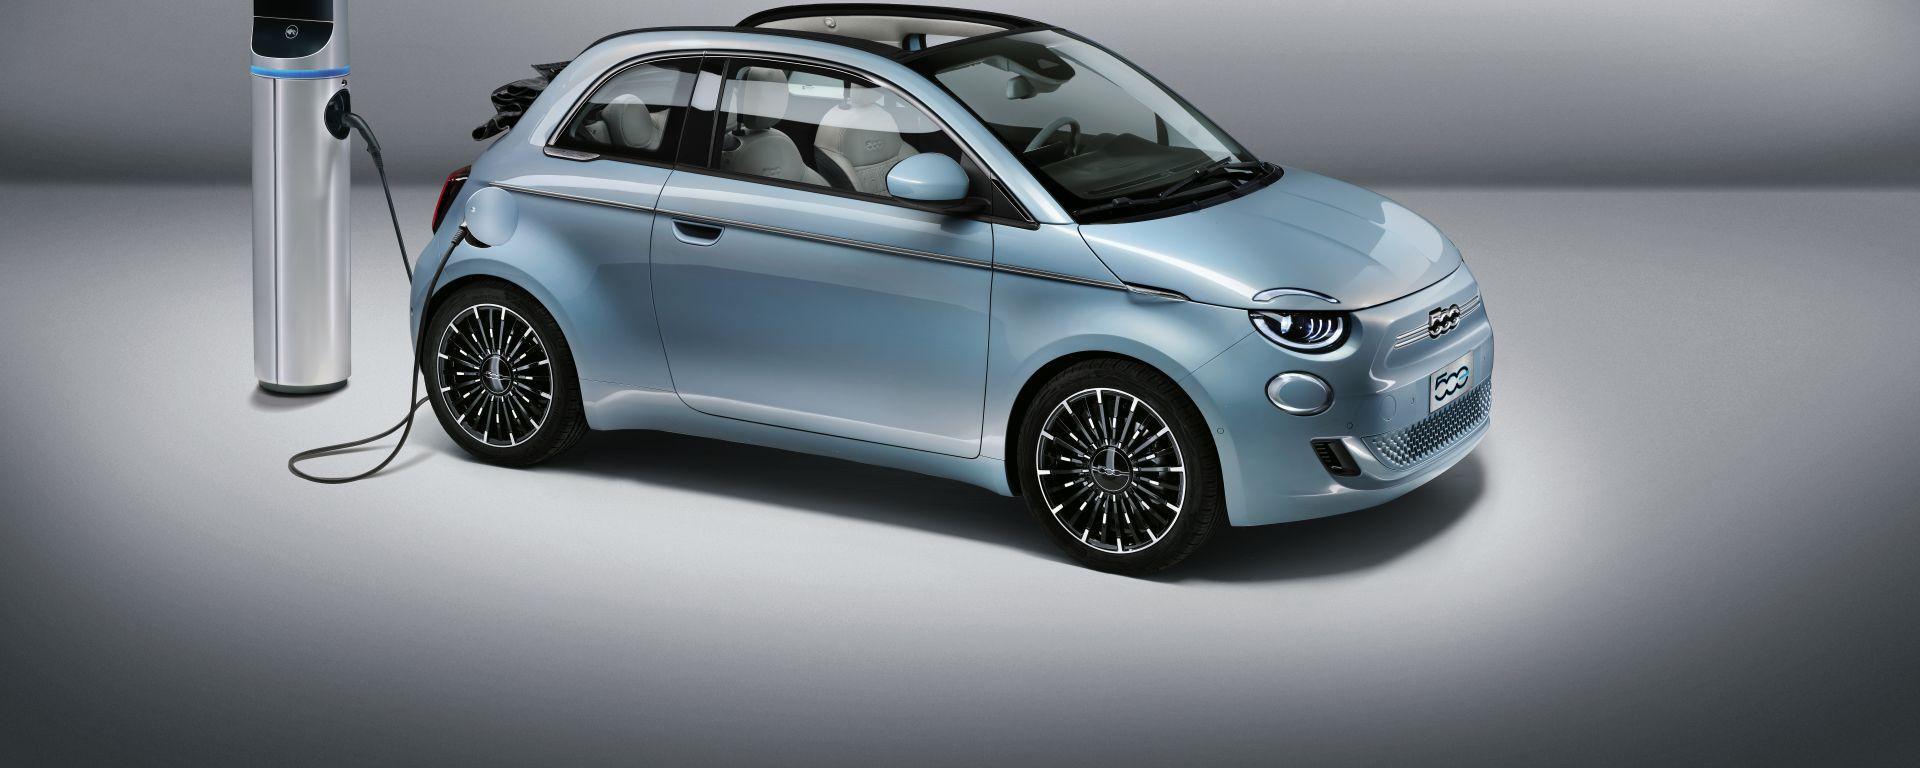 Comparativa 8 citycar elettriche: la Fiat 500e